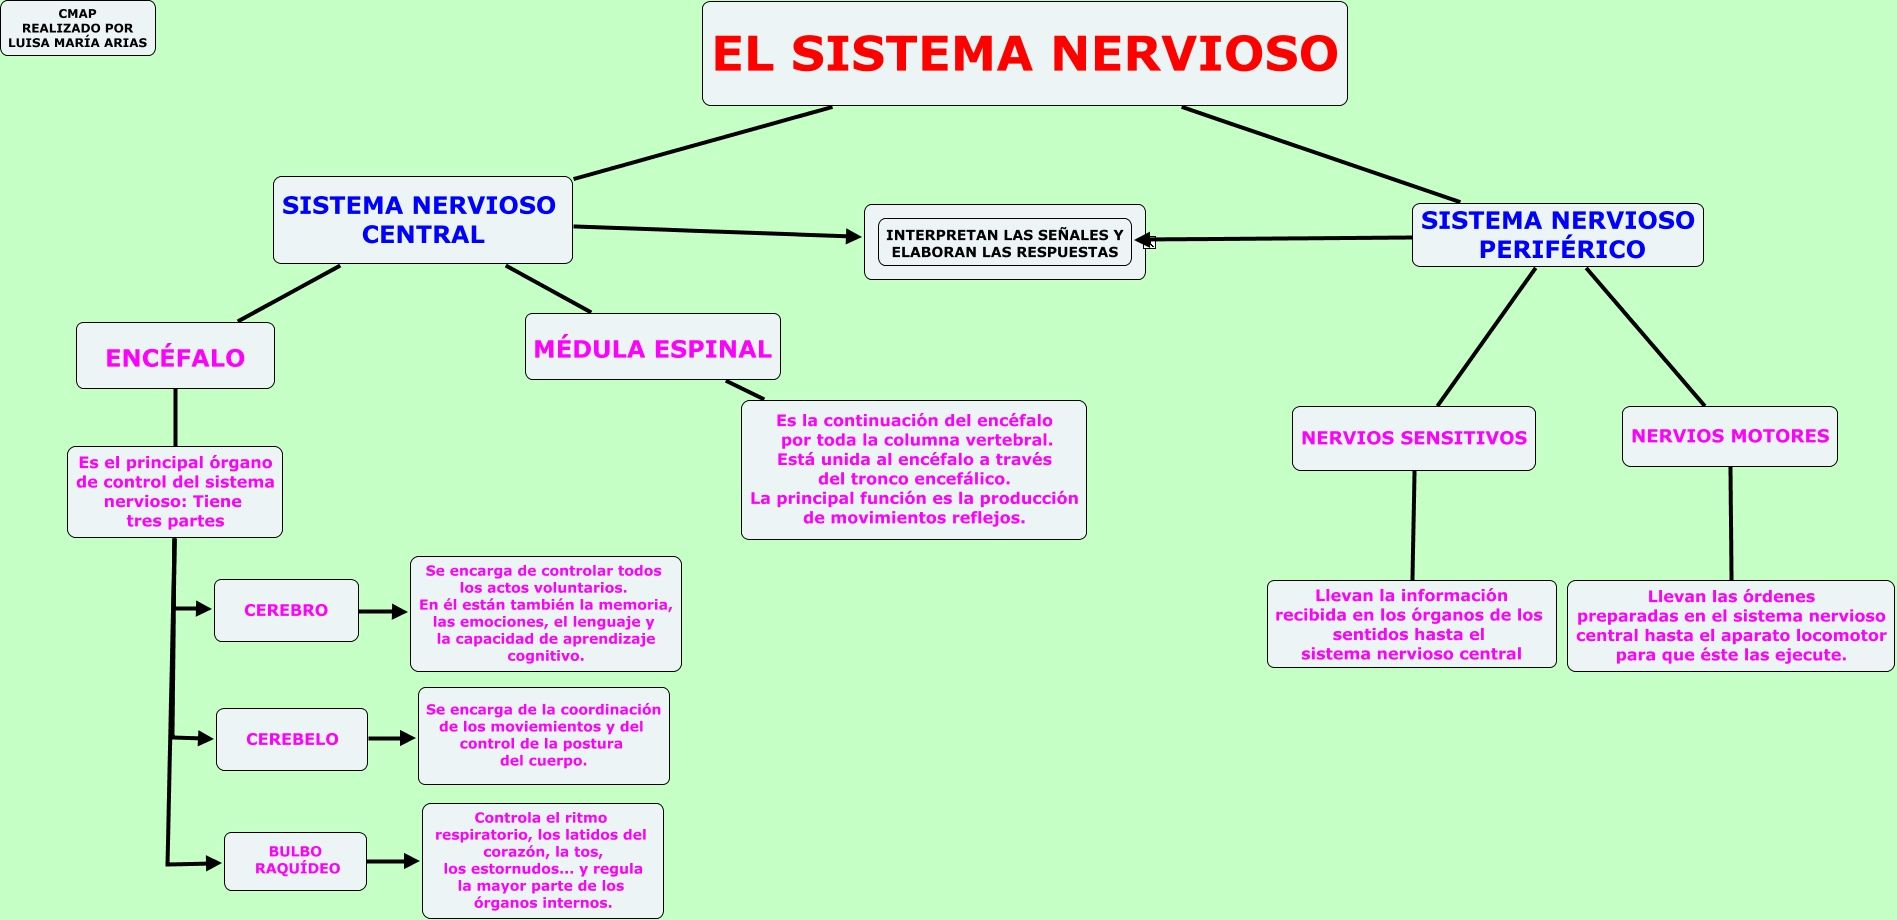 la función principal del sistema nervioso